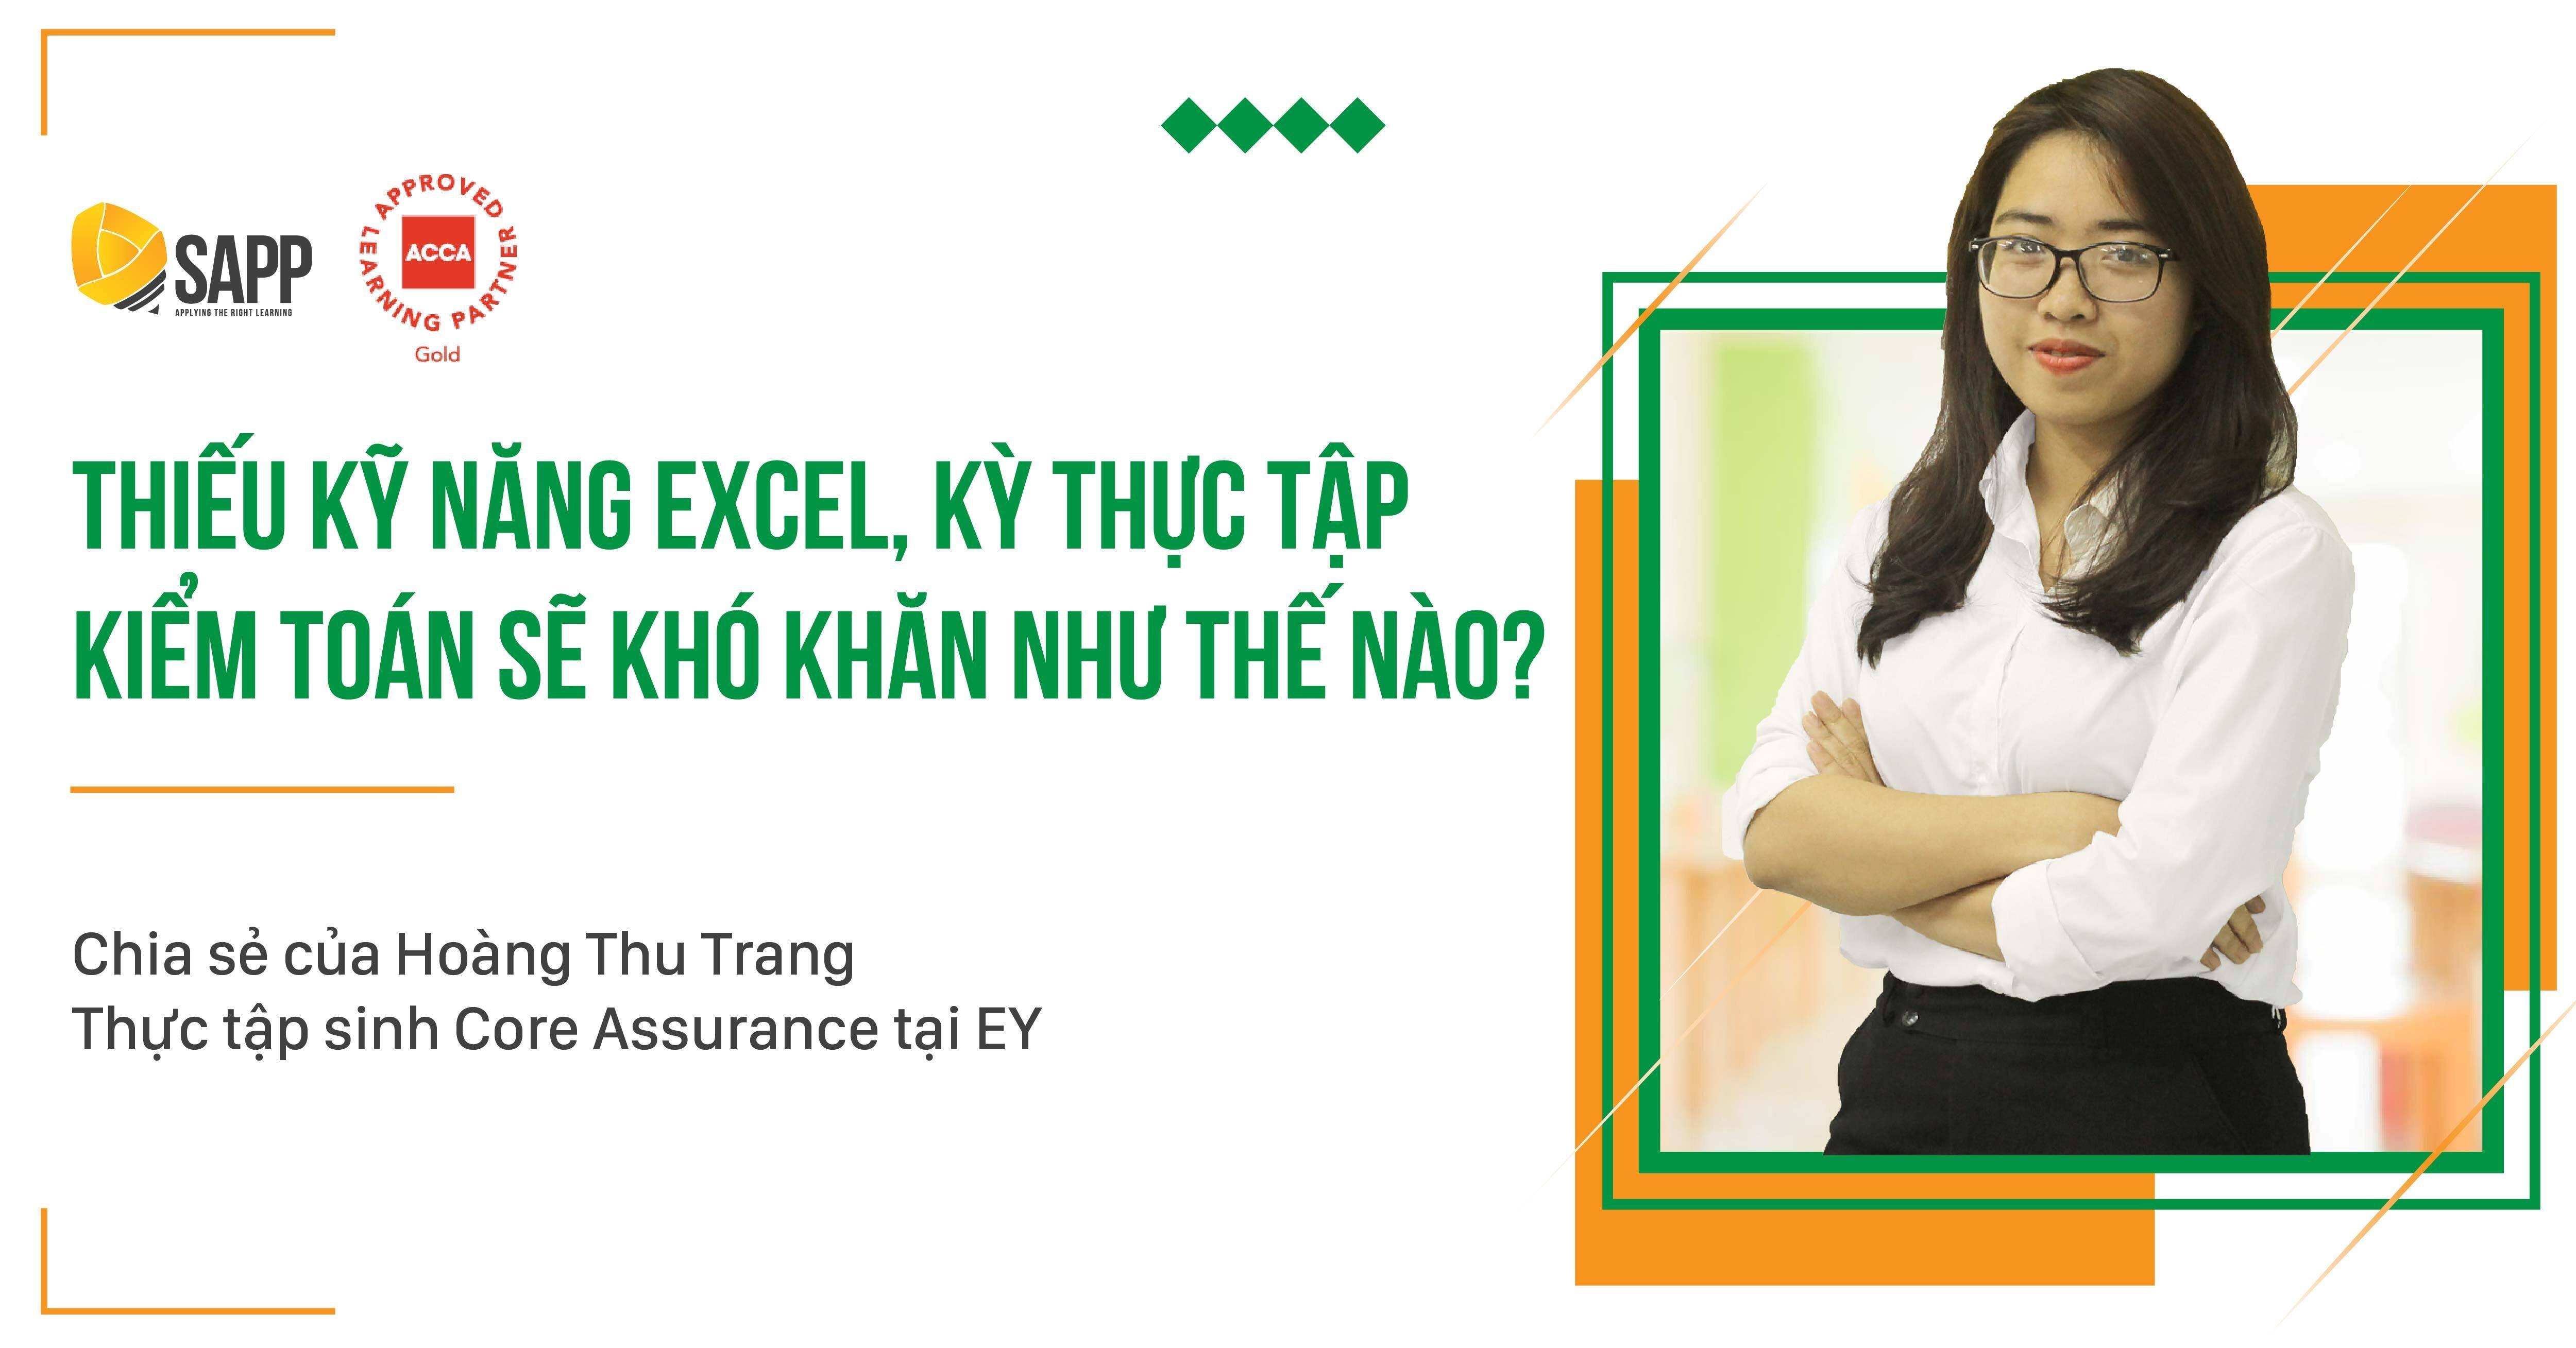 Thiếu kỹ năng Excel, Kỳ thực tập kiểm toán sẽ khó khăn như thế nào?